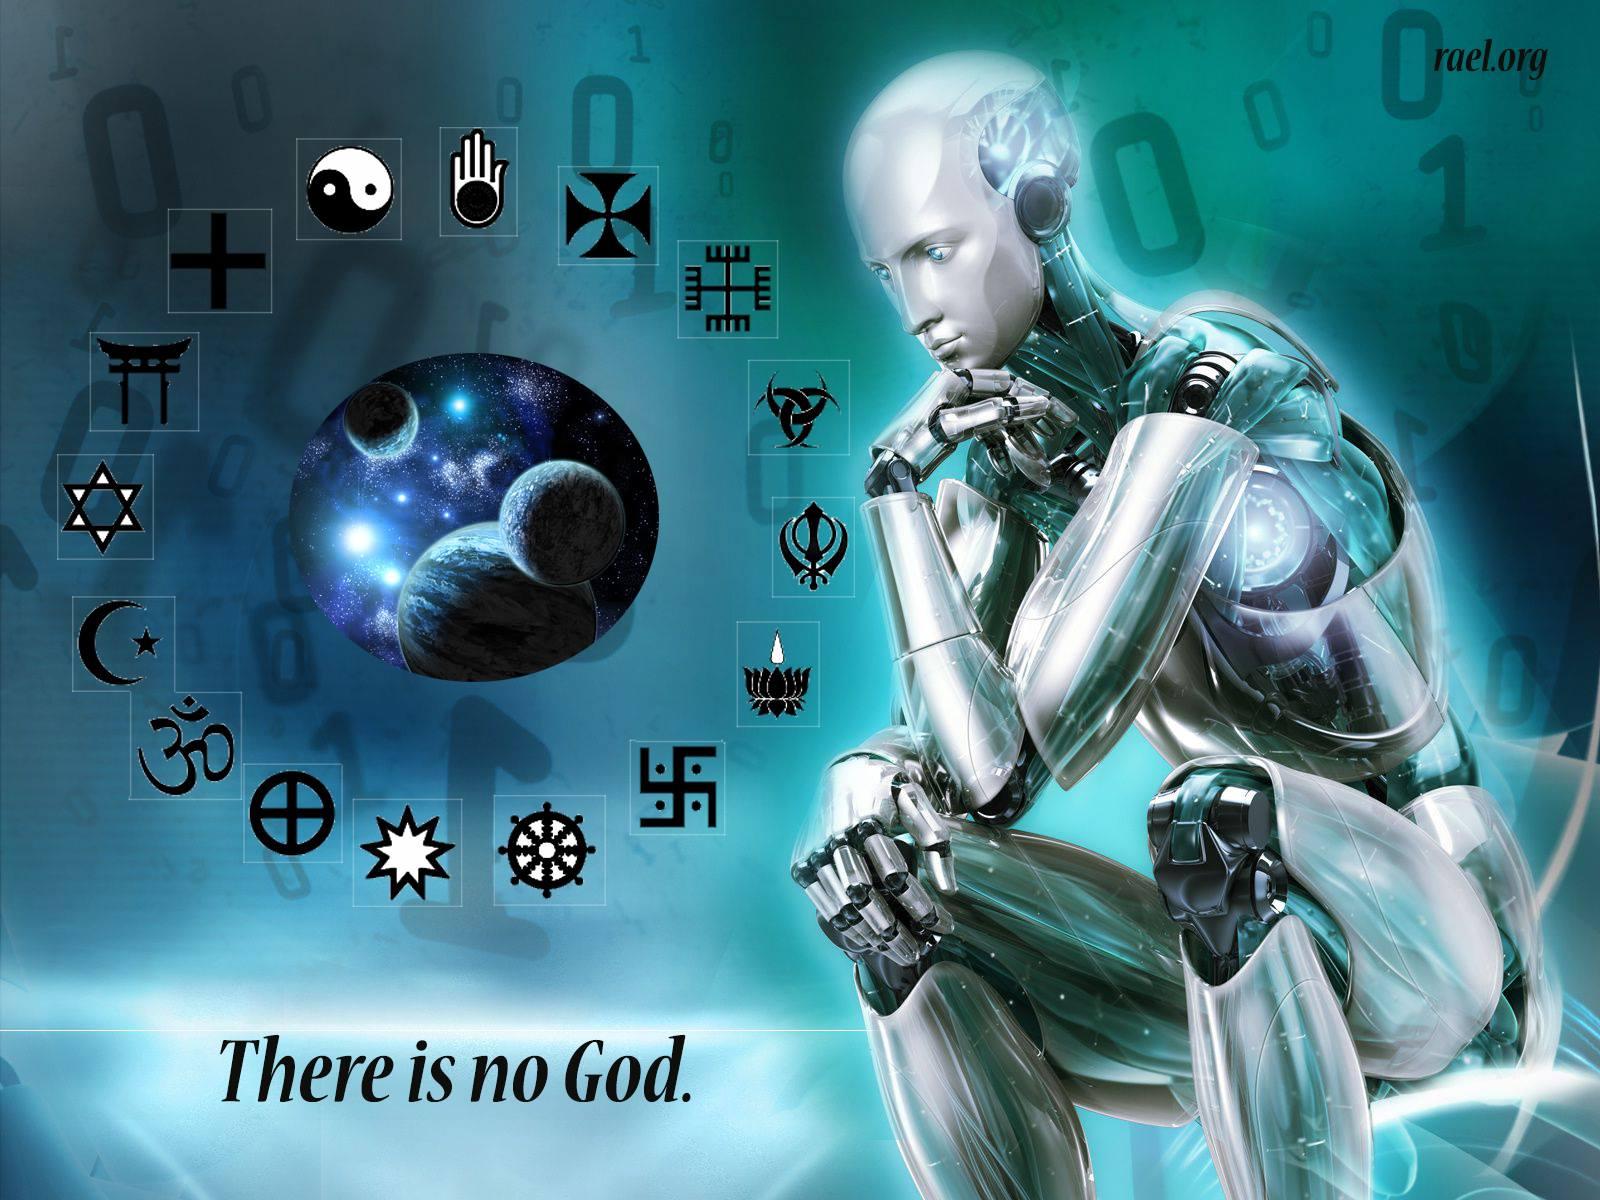 Il n'y a pas de Dieu - Paradisme